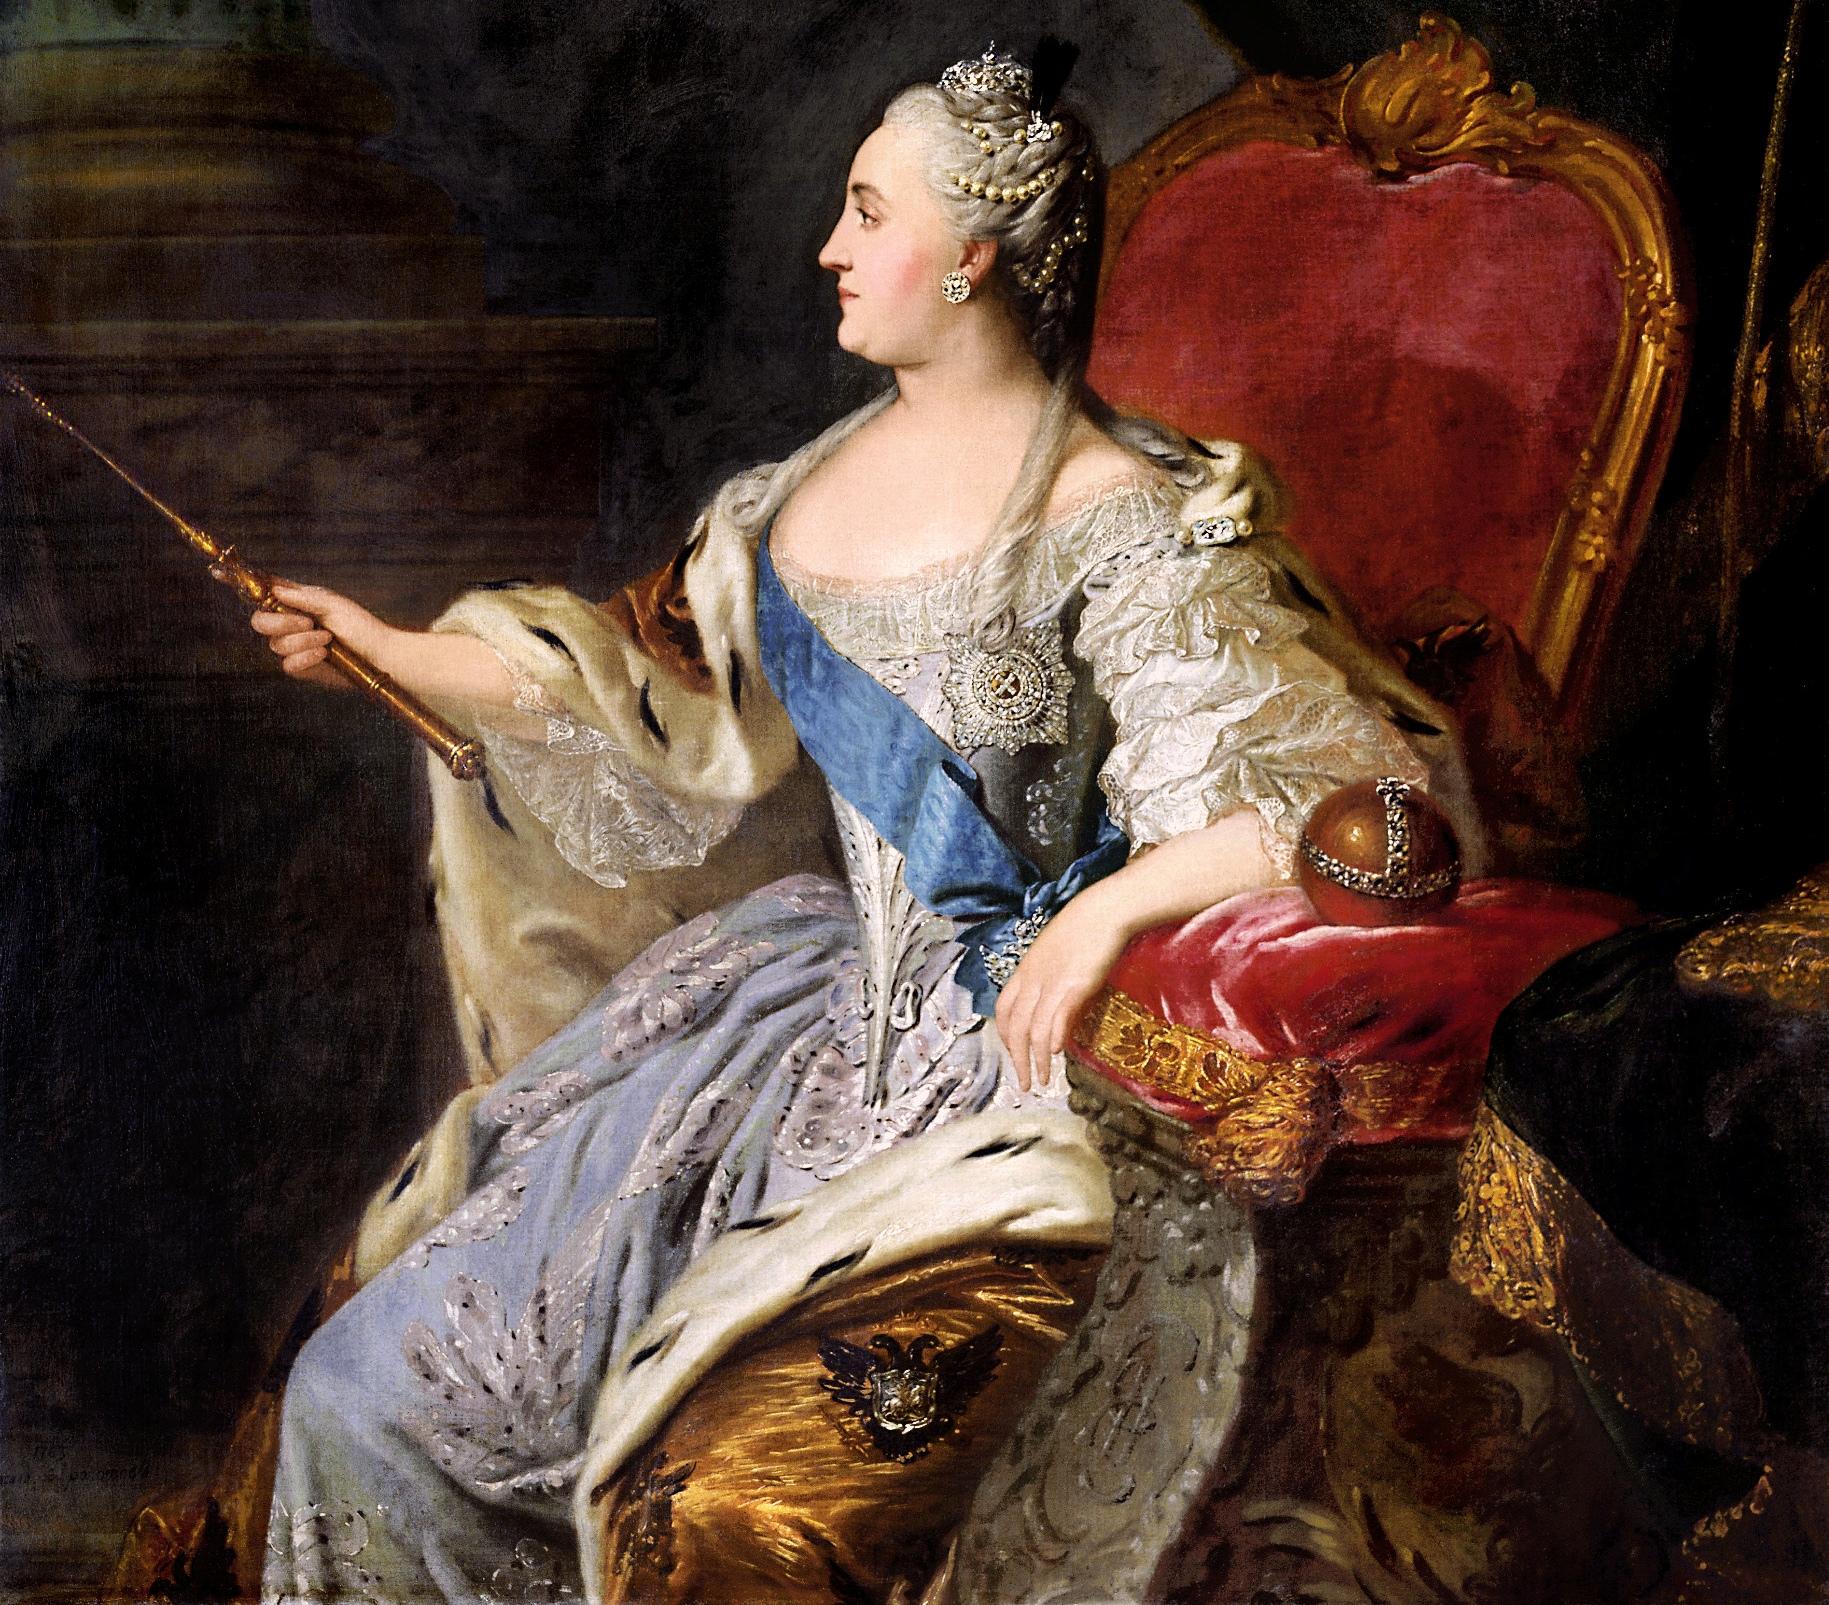 Μεγάλη Αικατερίνη, Τσαρίνα, Αυτοκράτειρας Ρωσίας,